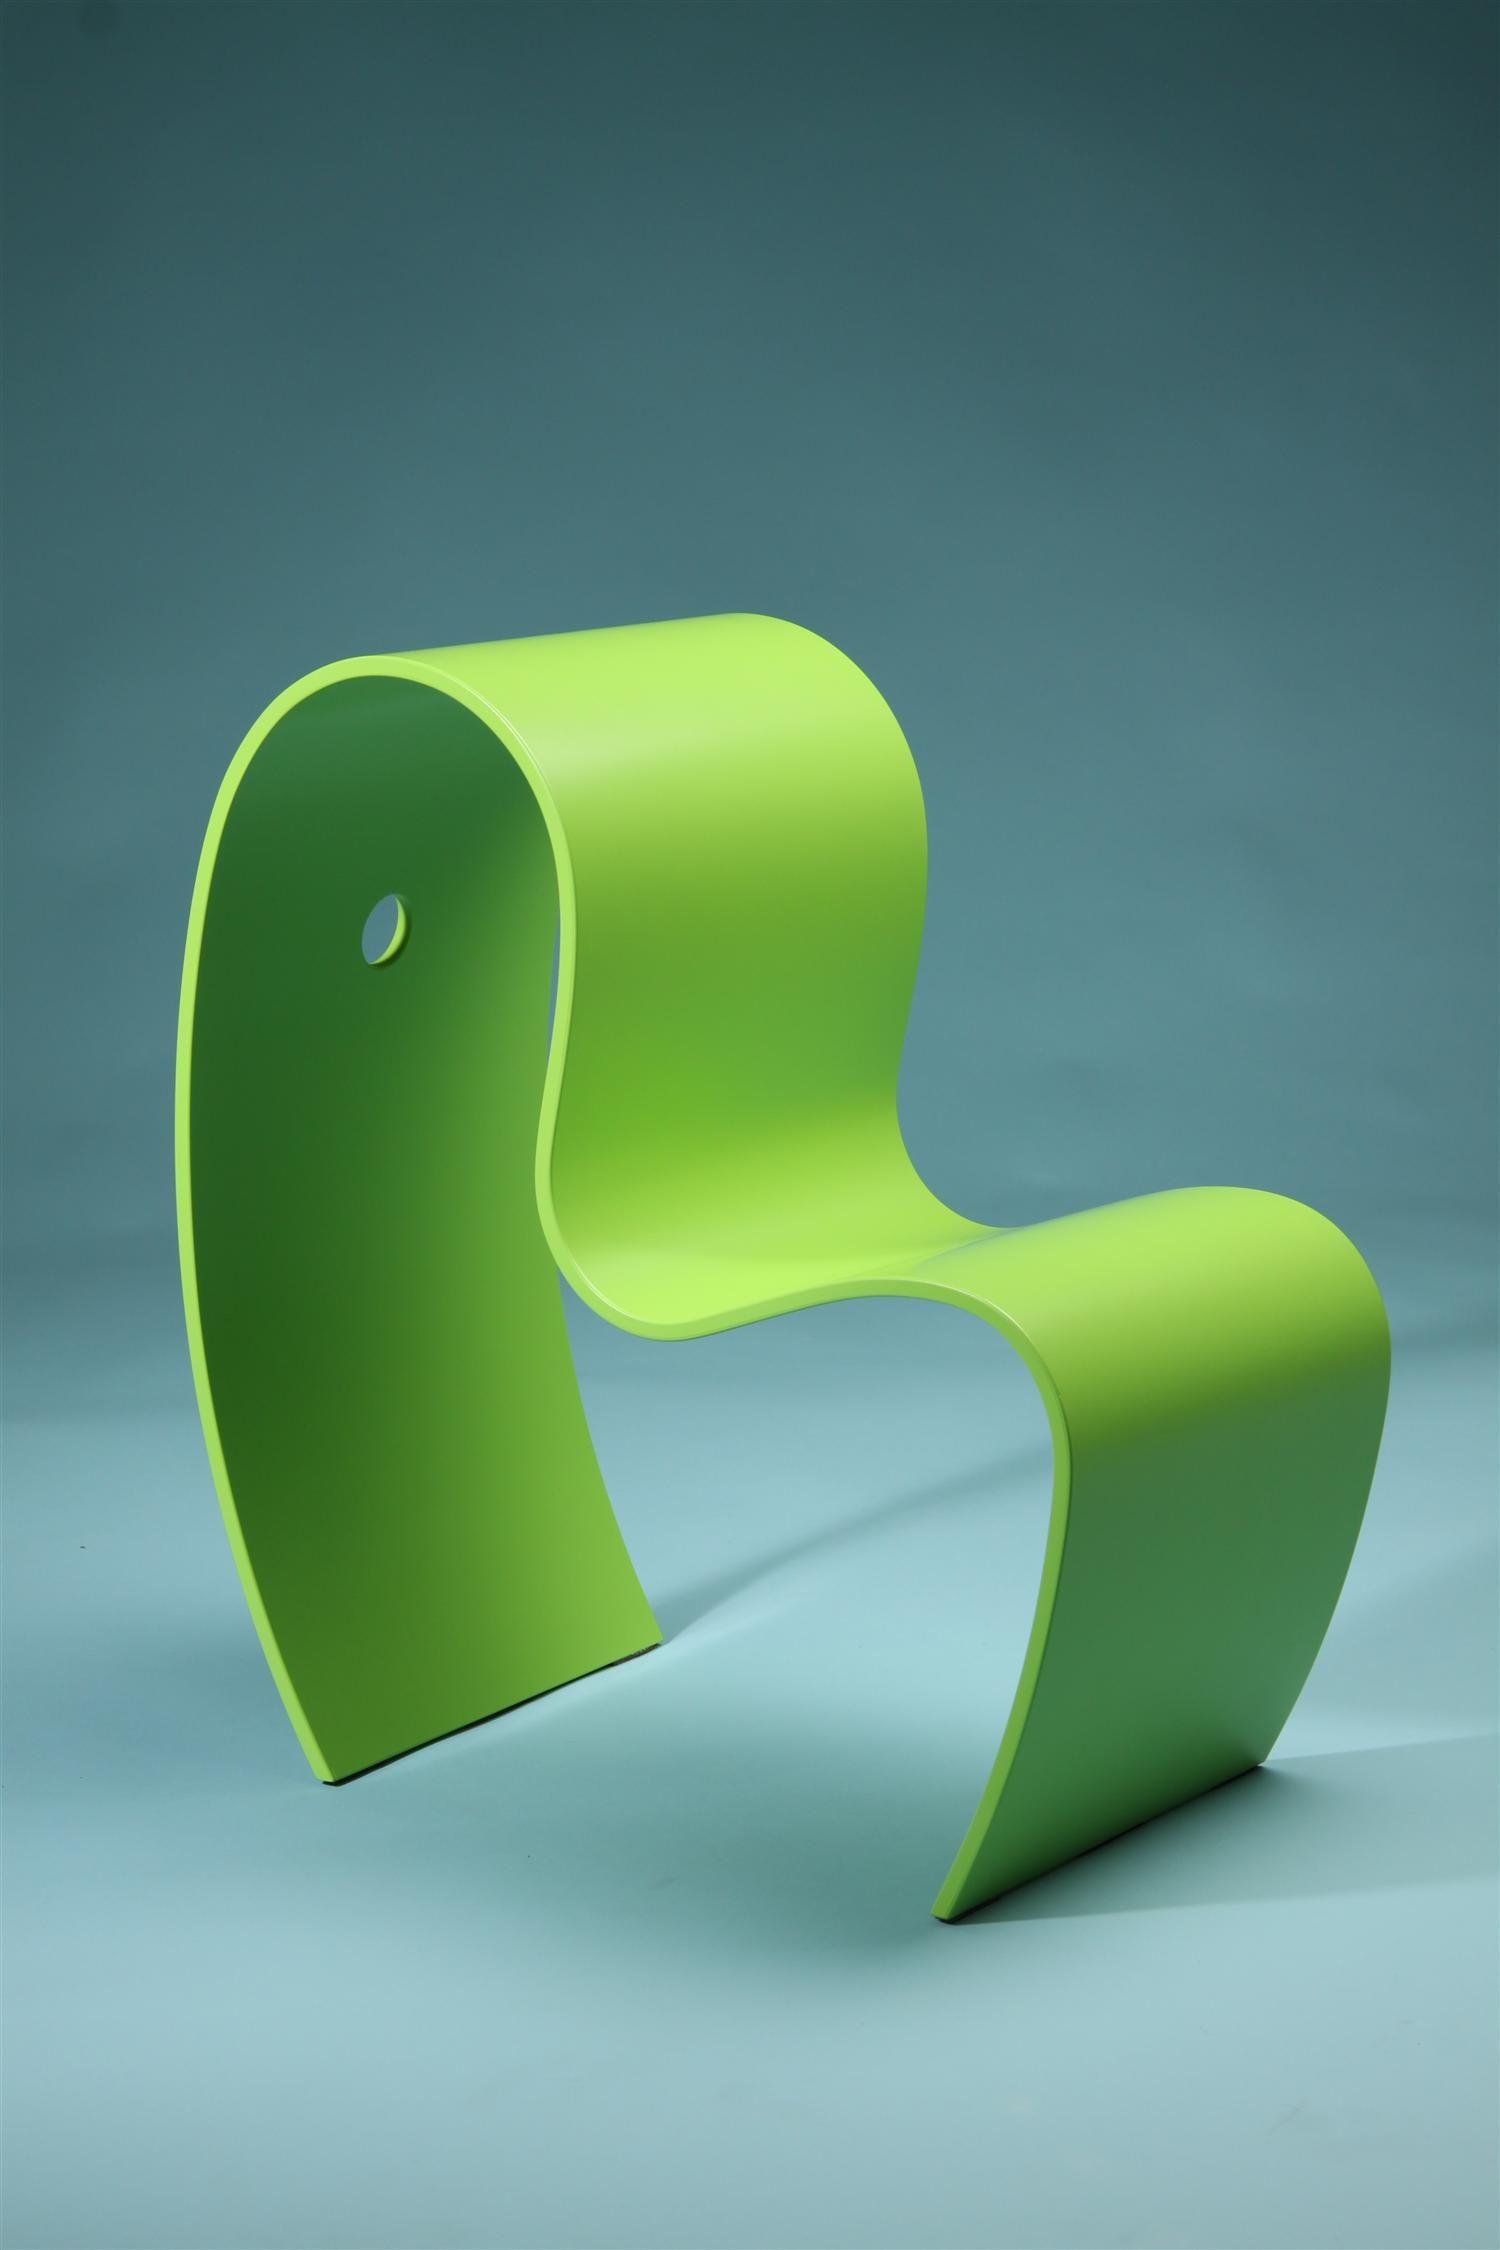 Childrens Chair, Lilla M Designed By Caroline Schlyter